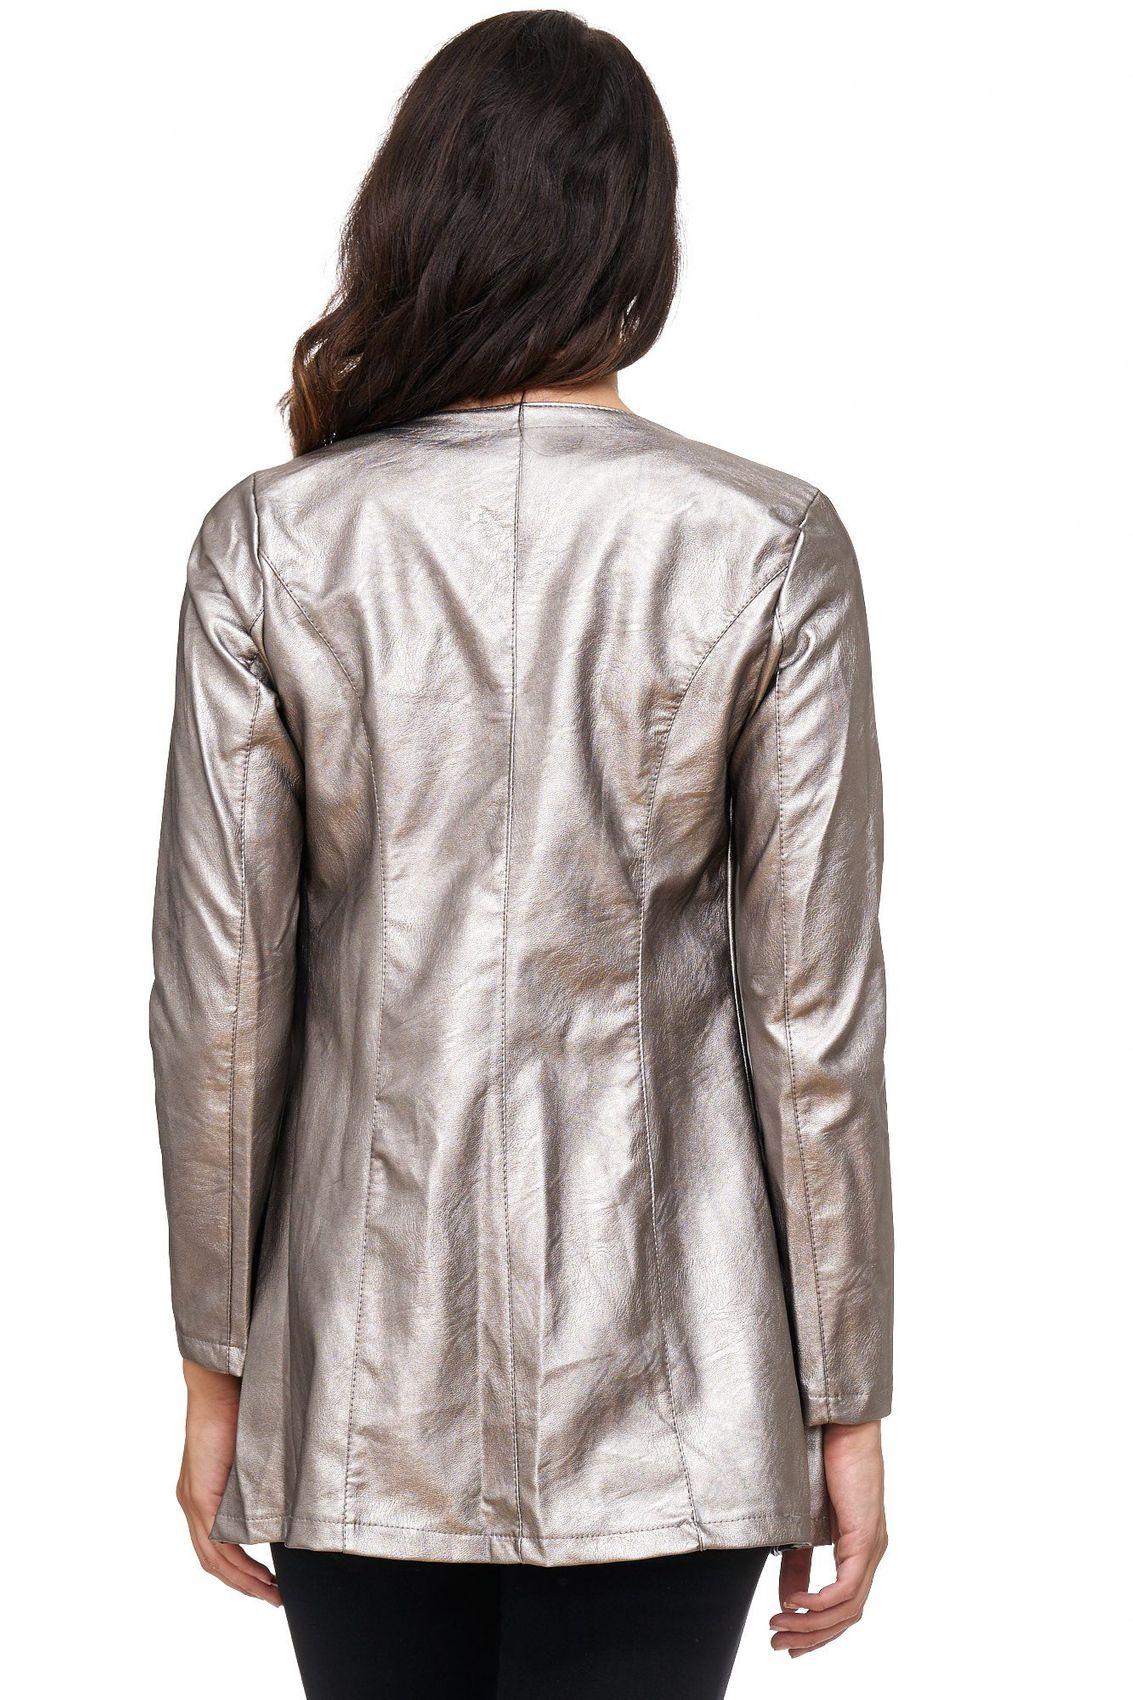 damen lederjacke mantel lang weste leder biker club langarm jacket look neu ebay. Black Bedroom Furniture Sets. Home Design Ideas